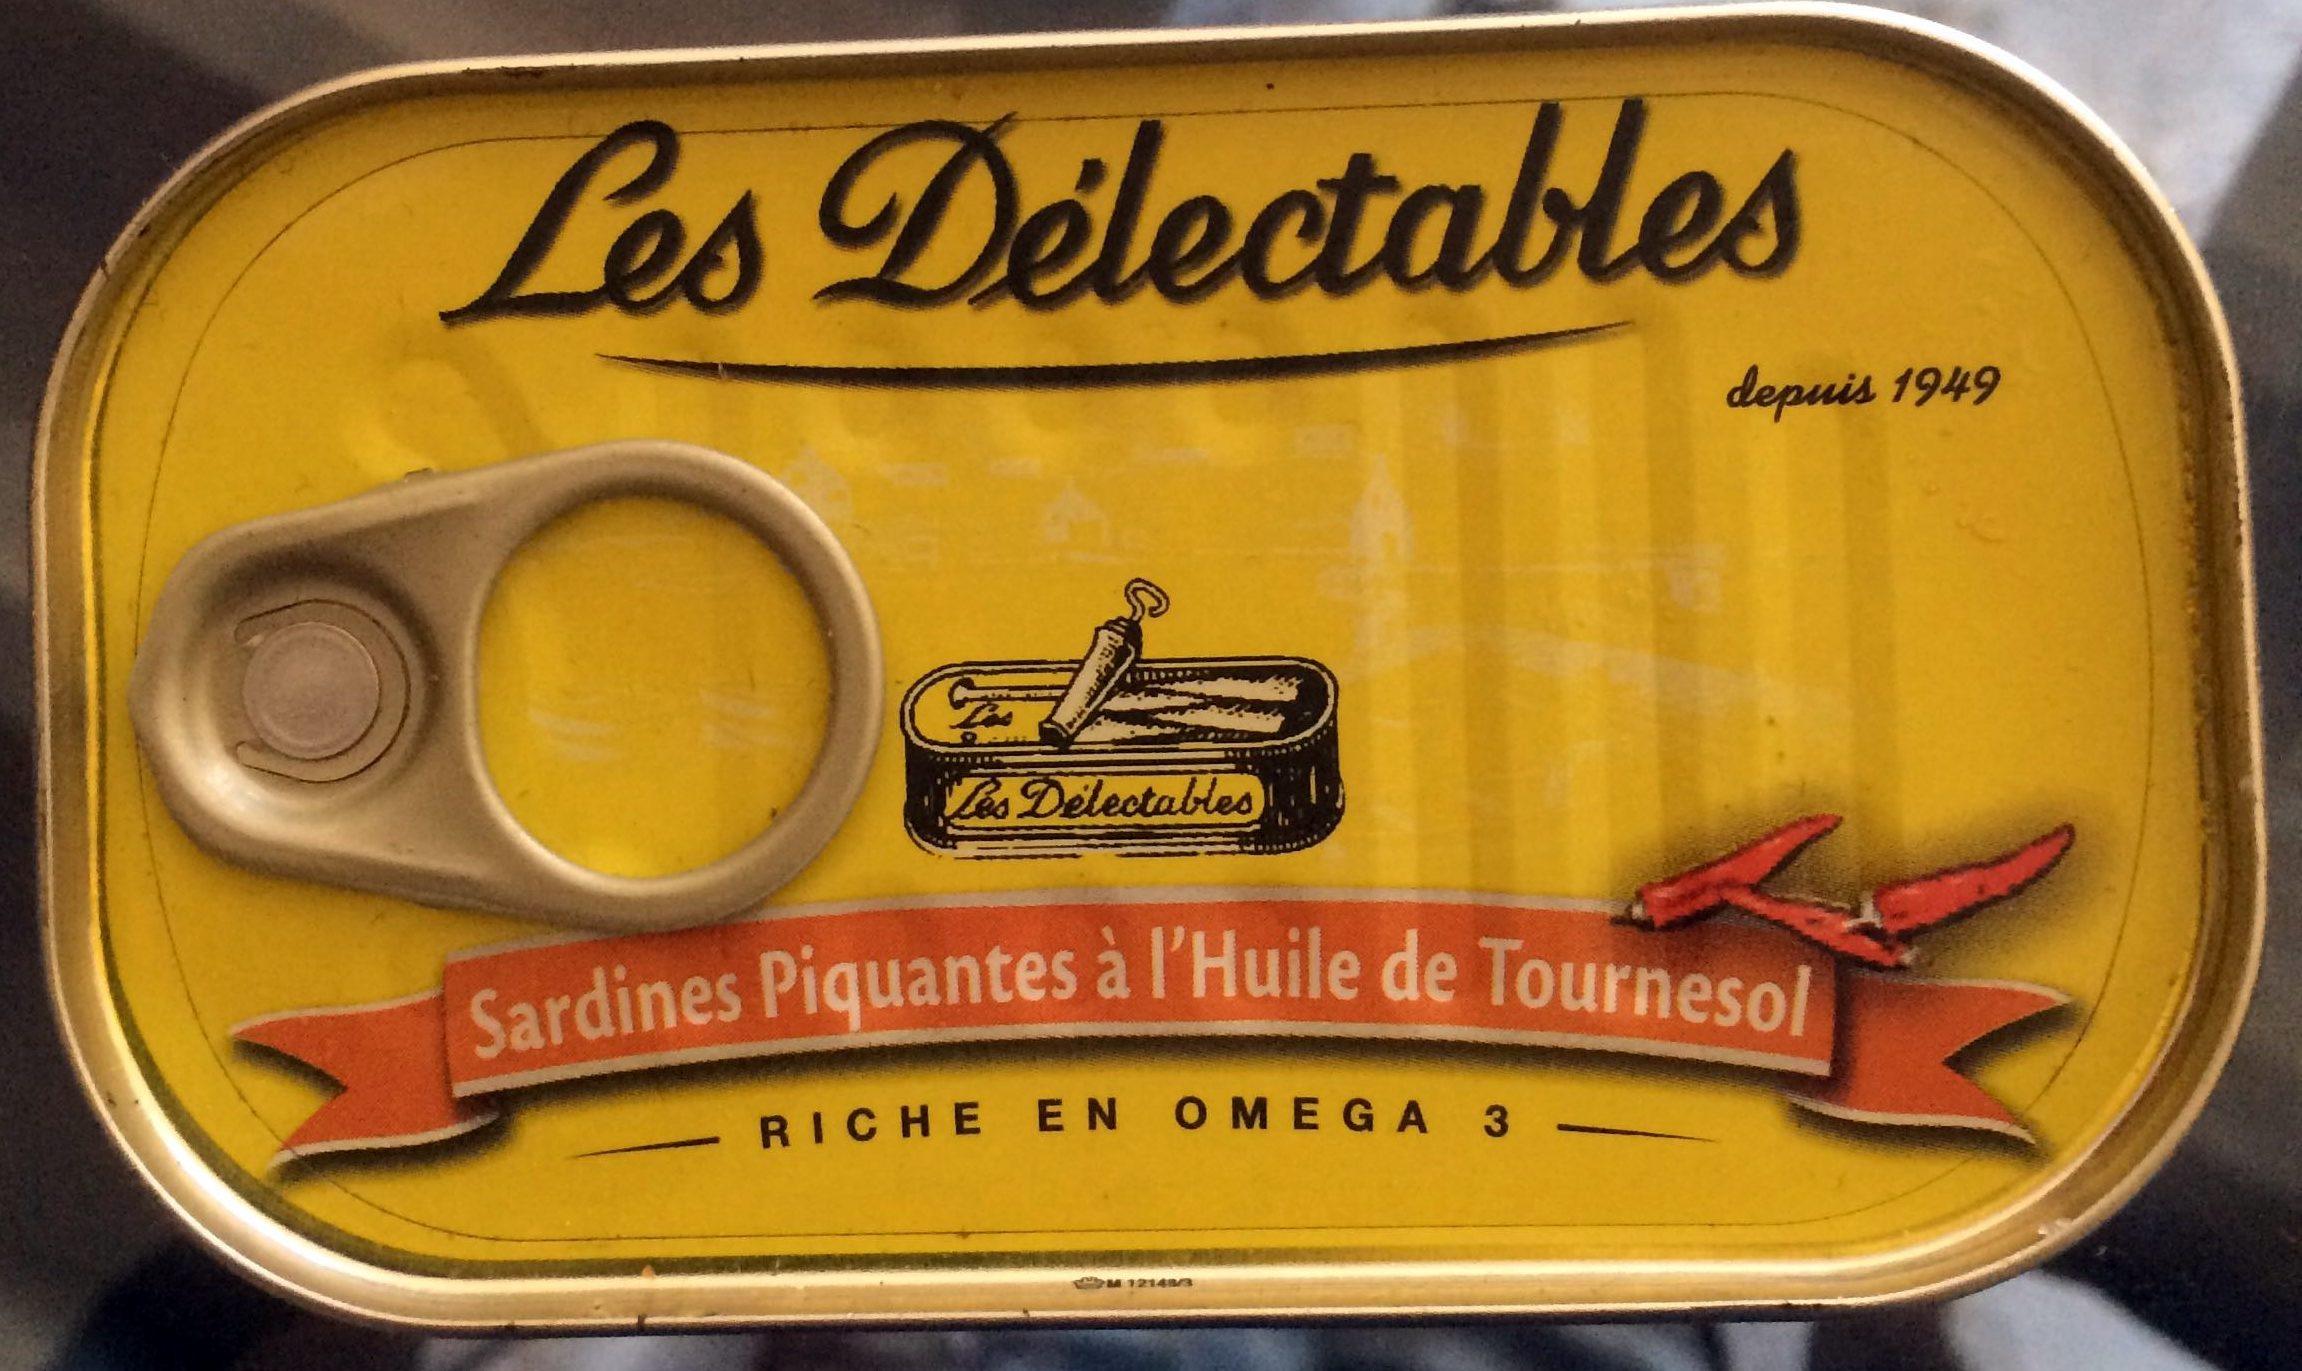 Sardines Piquantes à l'huile de Tournesol - Product - fr